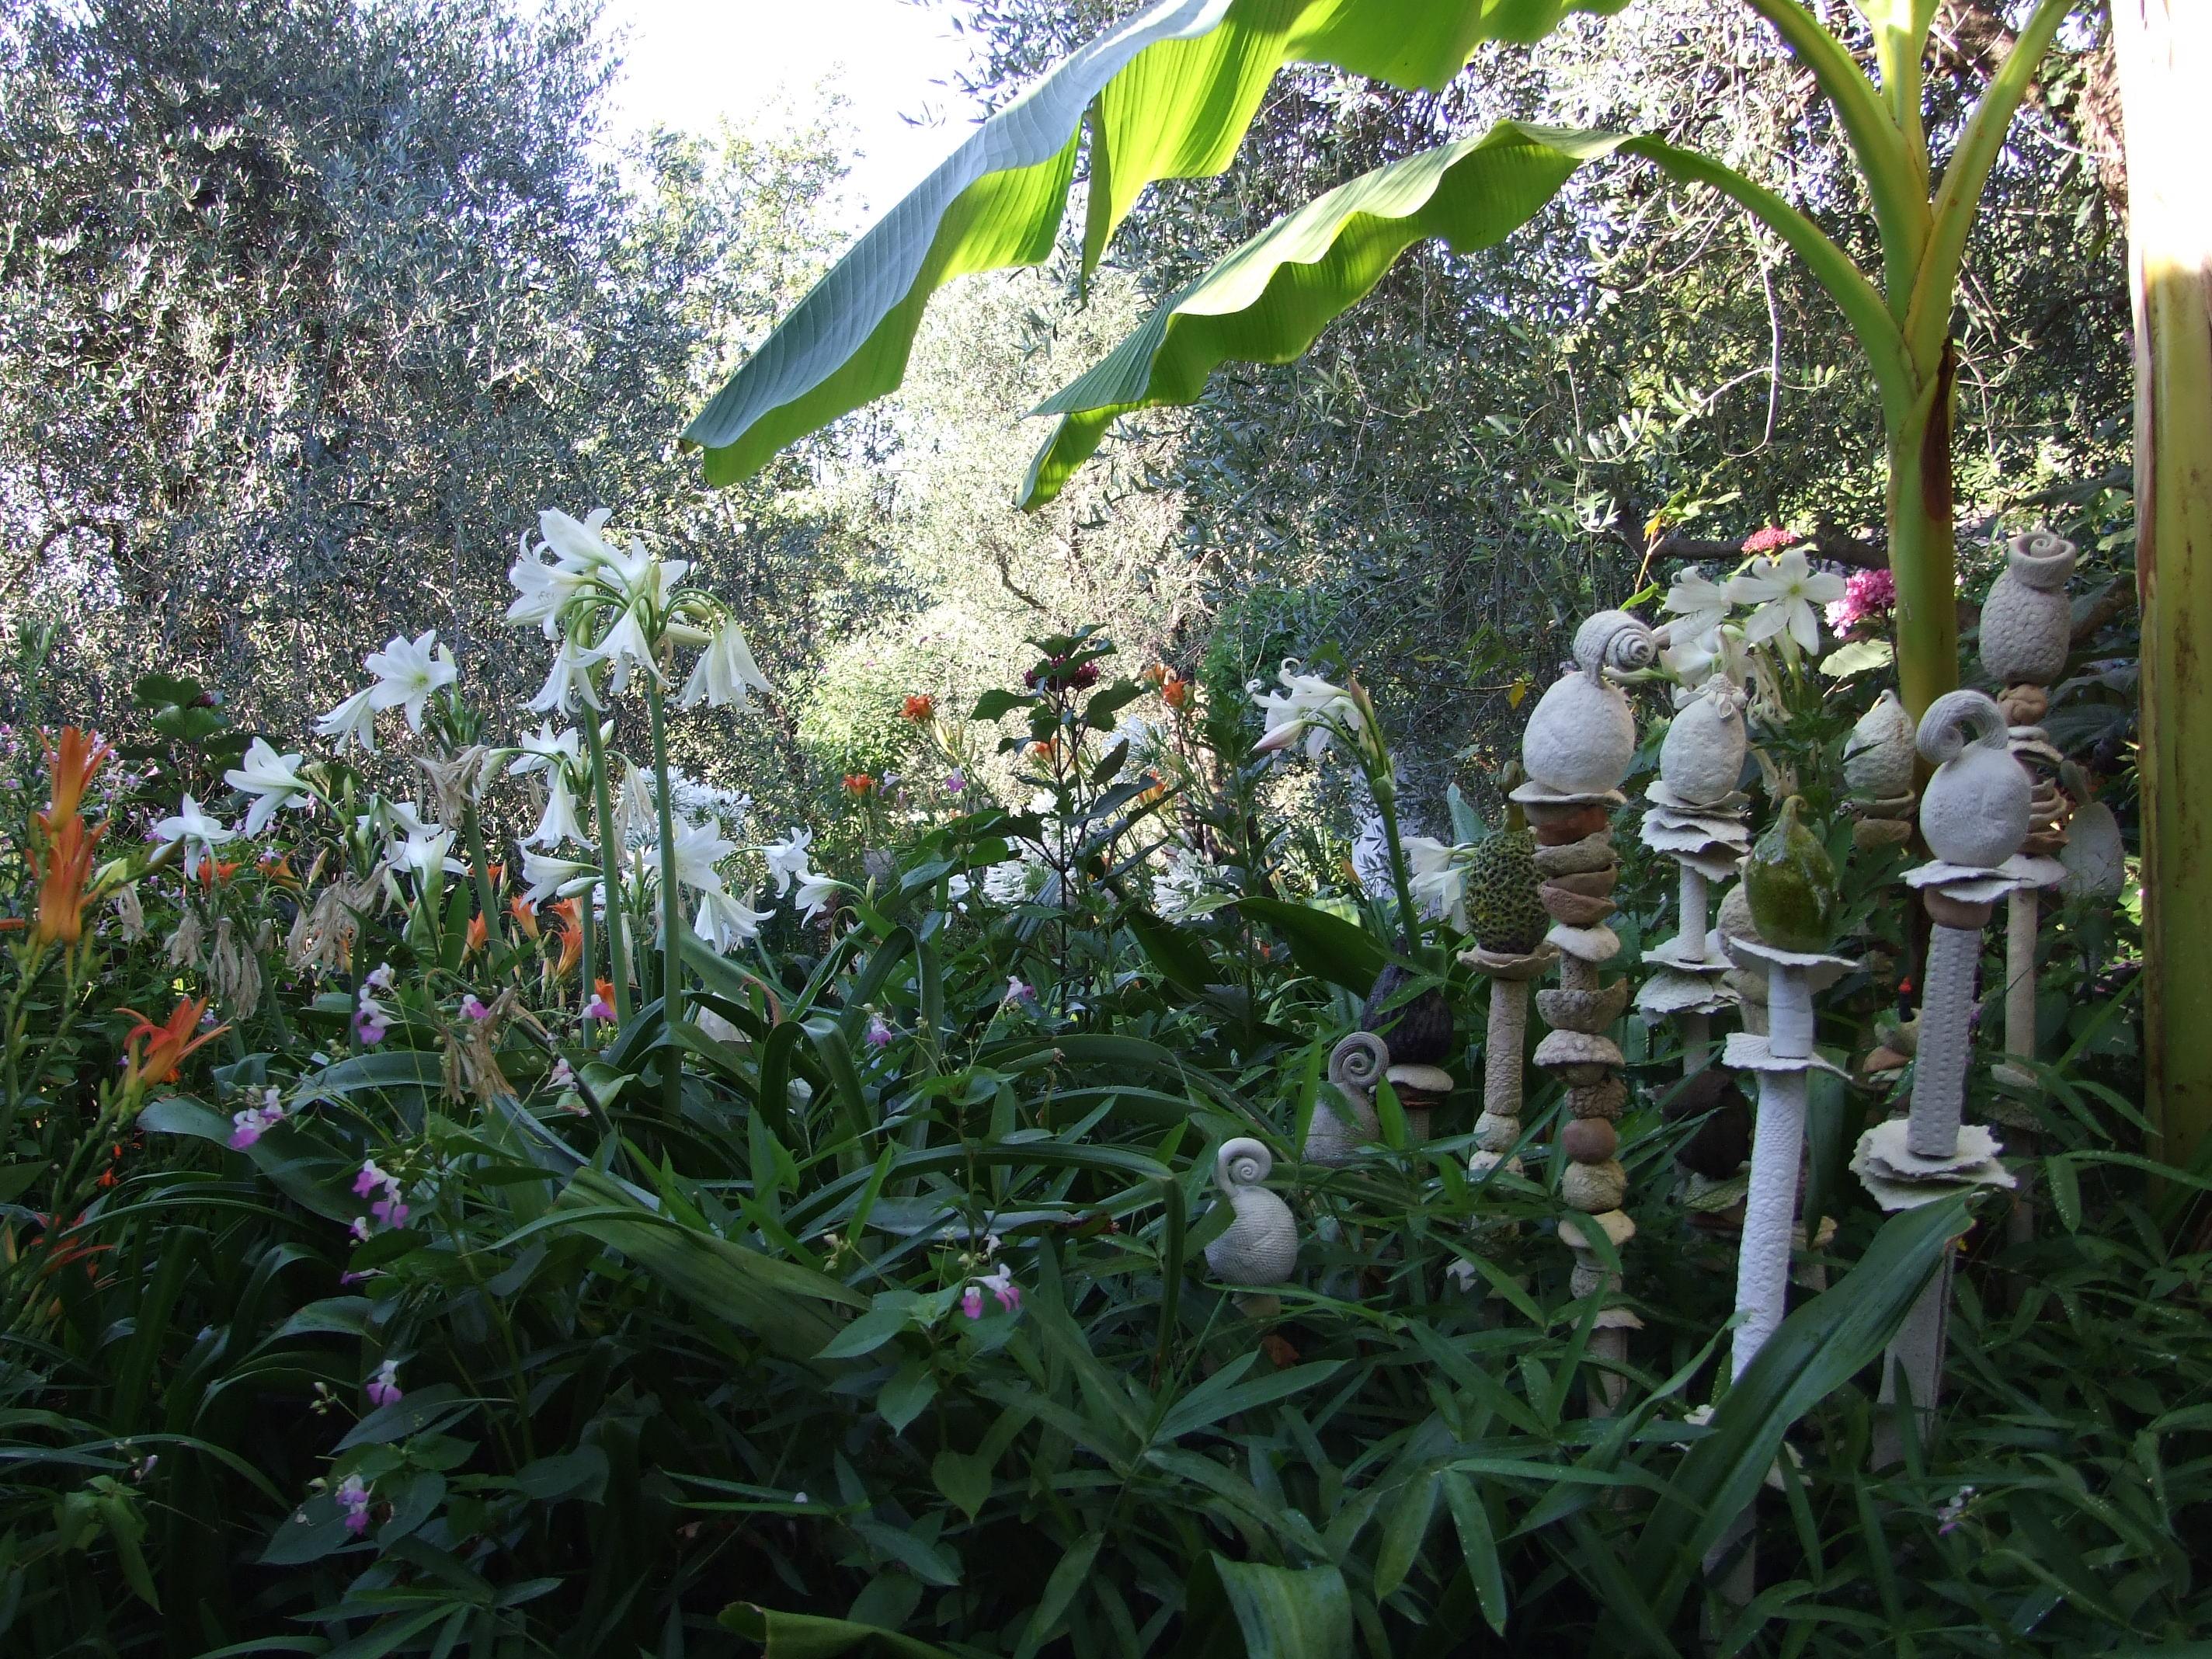 Artistes site de gatti res - Poterie decorative pour jardin ...